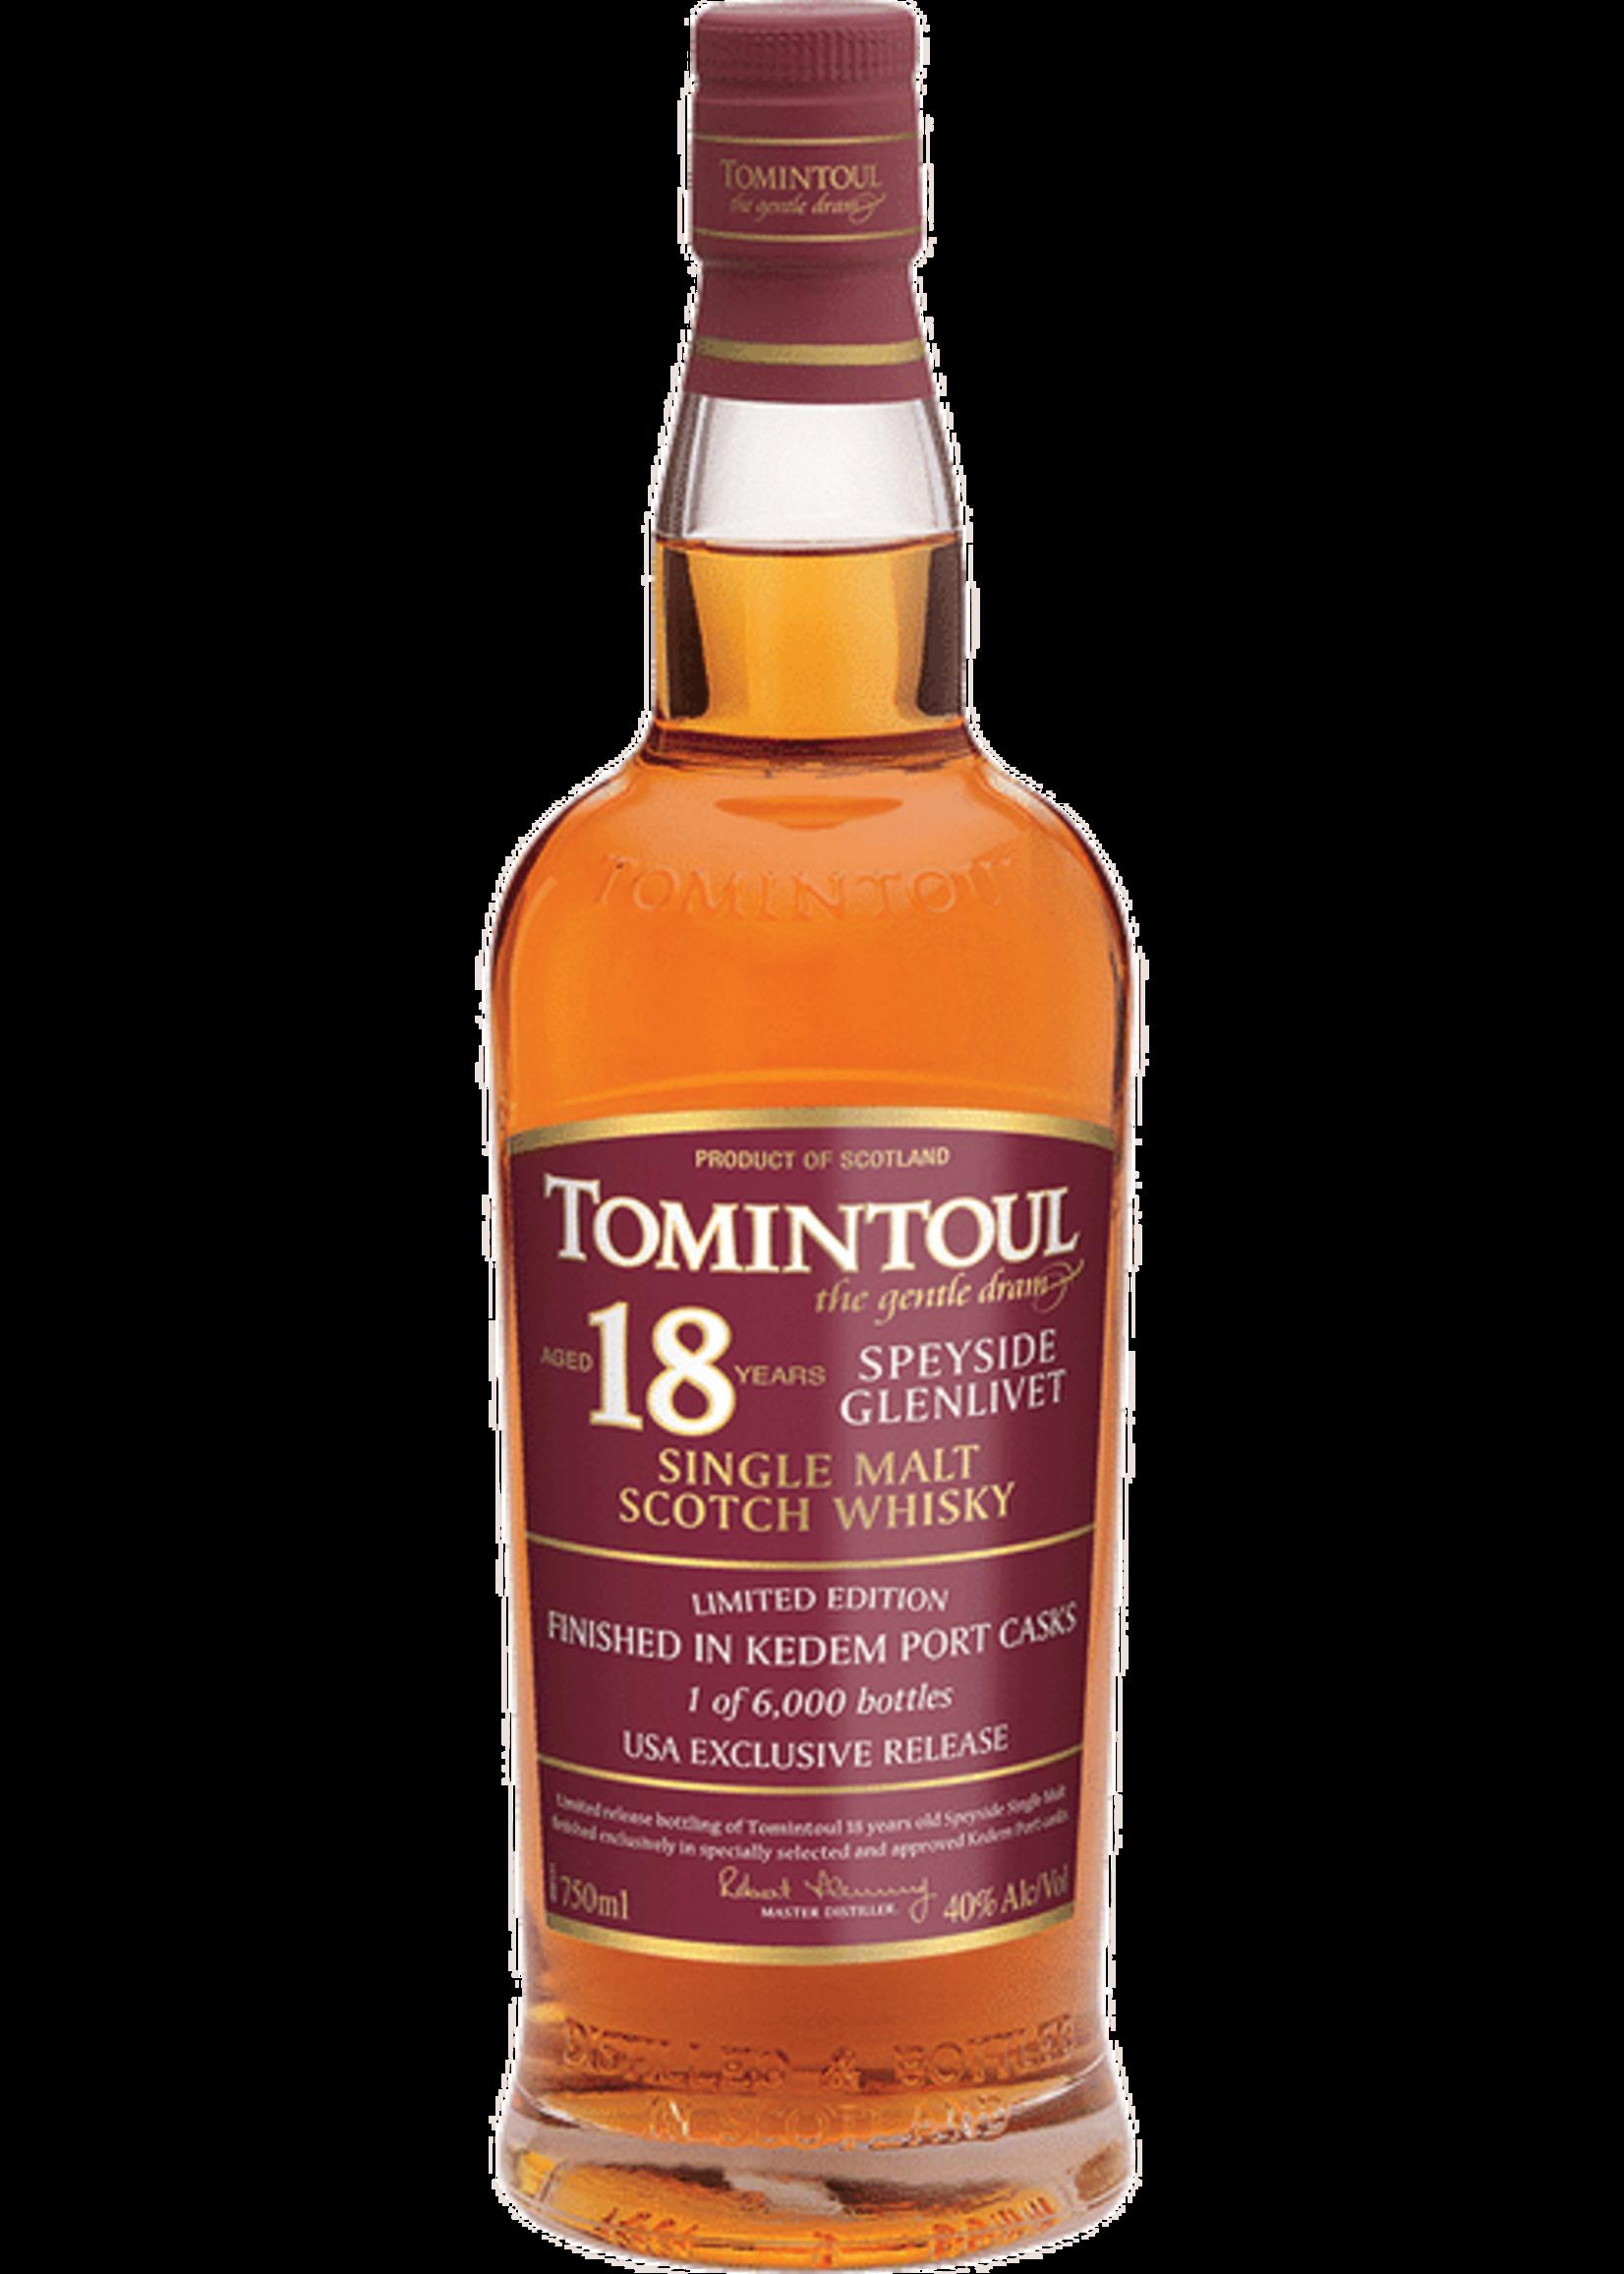 Tomintoul 18 Year Old Kedem Port Finish Single Malt Scotch Whisky 750ml